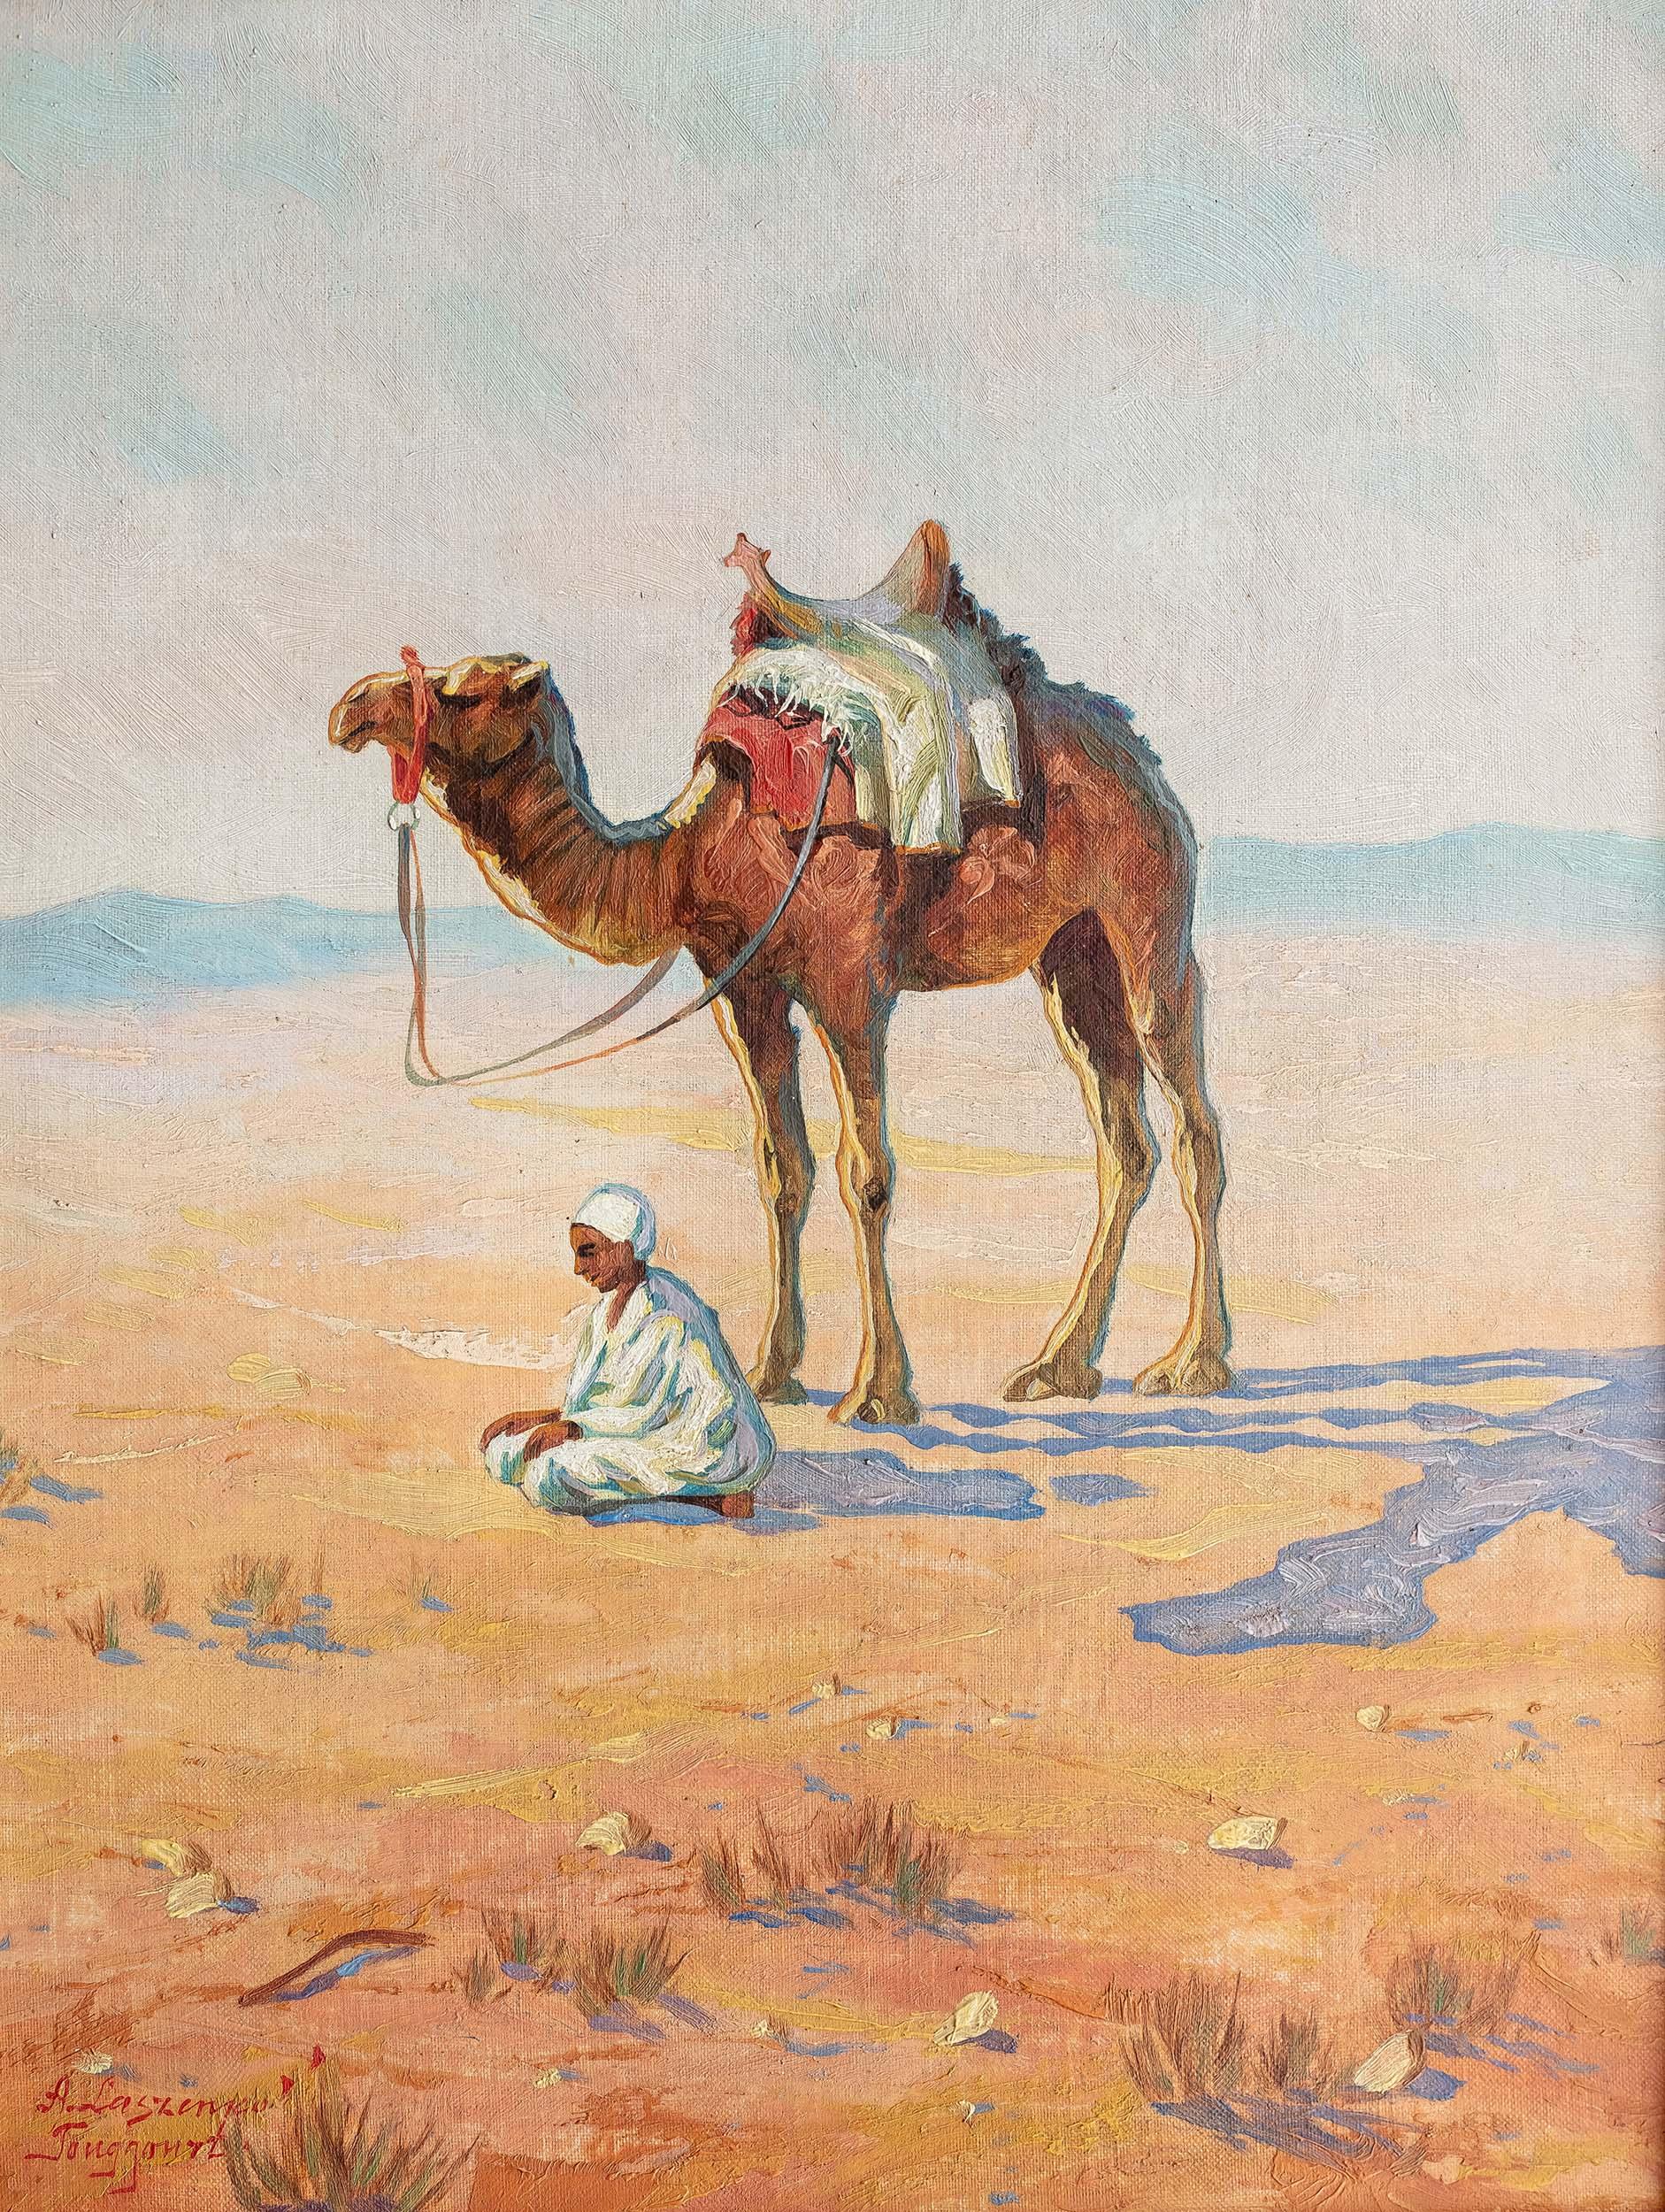 Modlitwa na pustyni